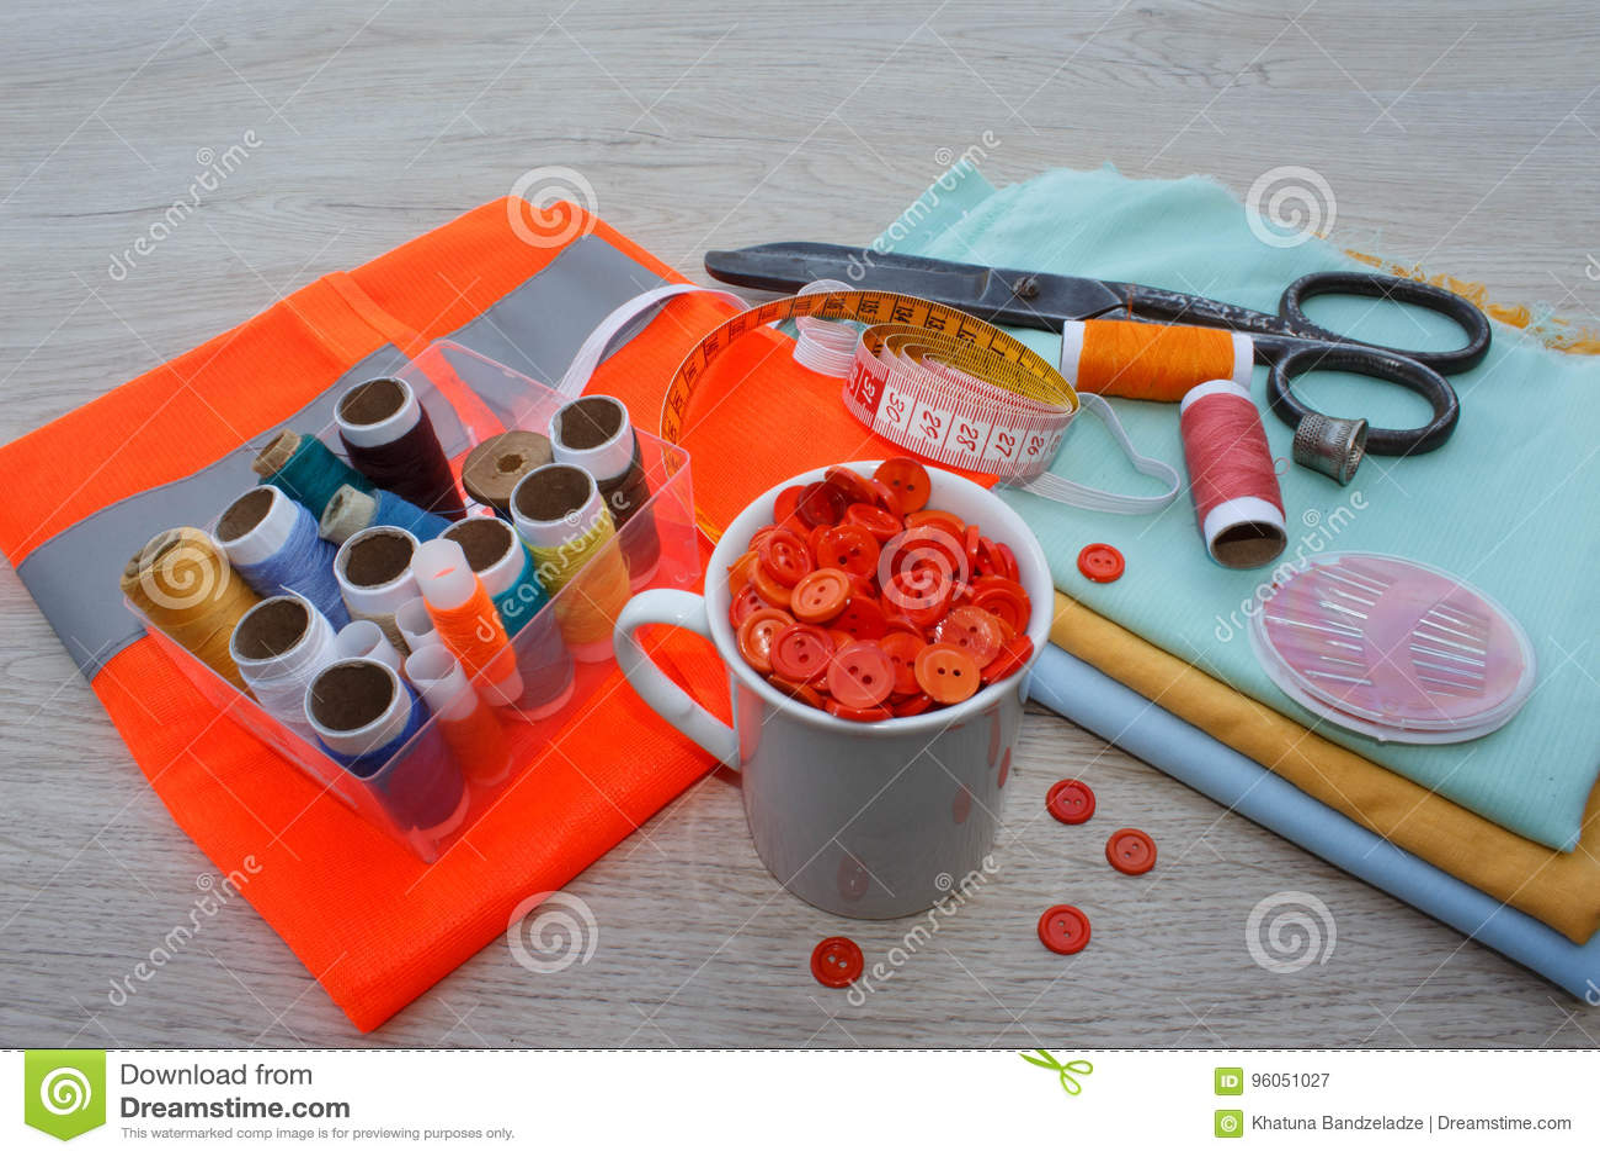 Espace de travail de tailleur avec la couture et les outils faits main outils pour coudre pour le passe-temps